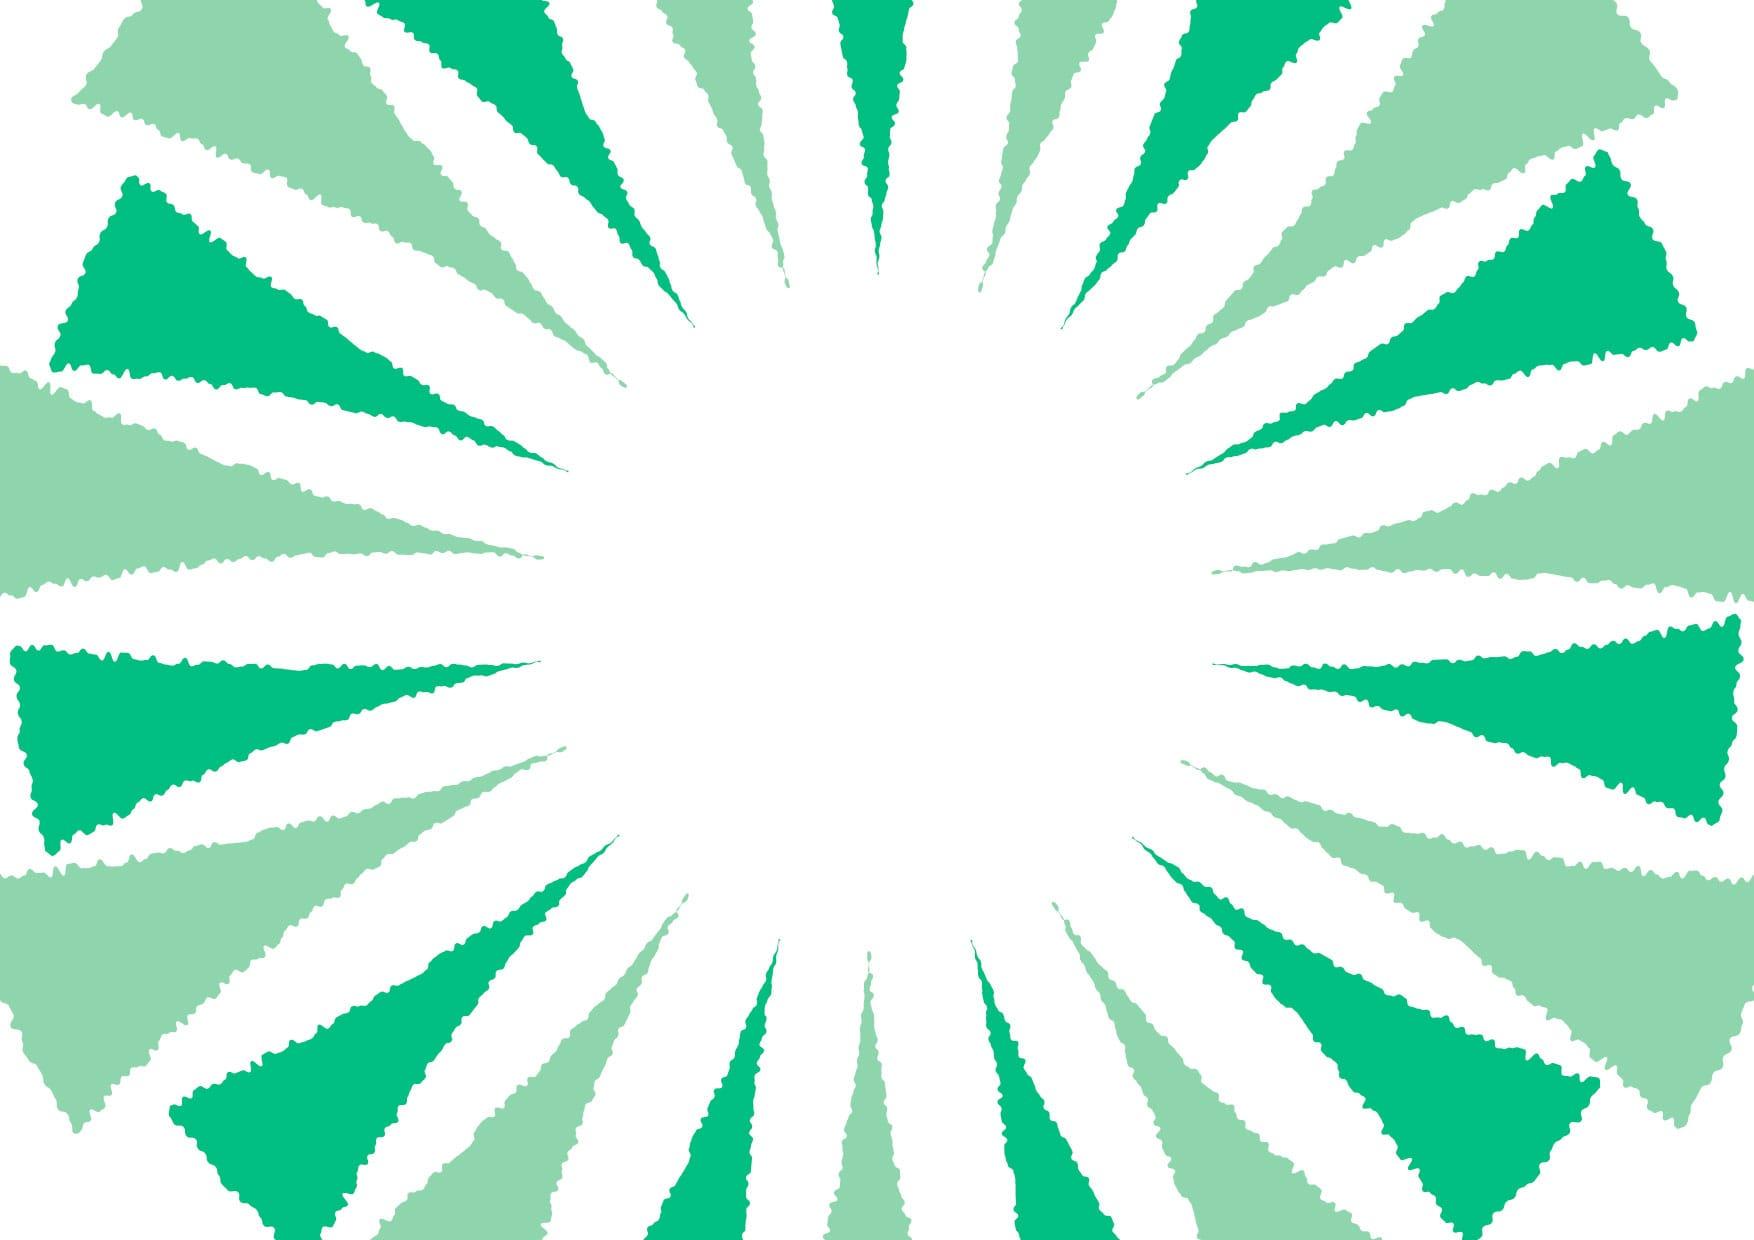 可愛いイラスト無料|ギラギラ 背景 緑色 − free illustration  Glitter background green